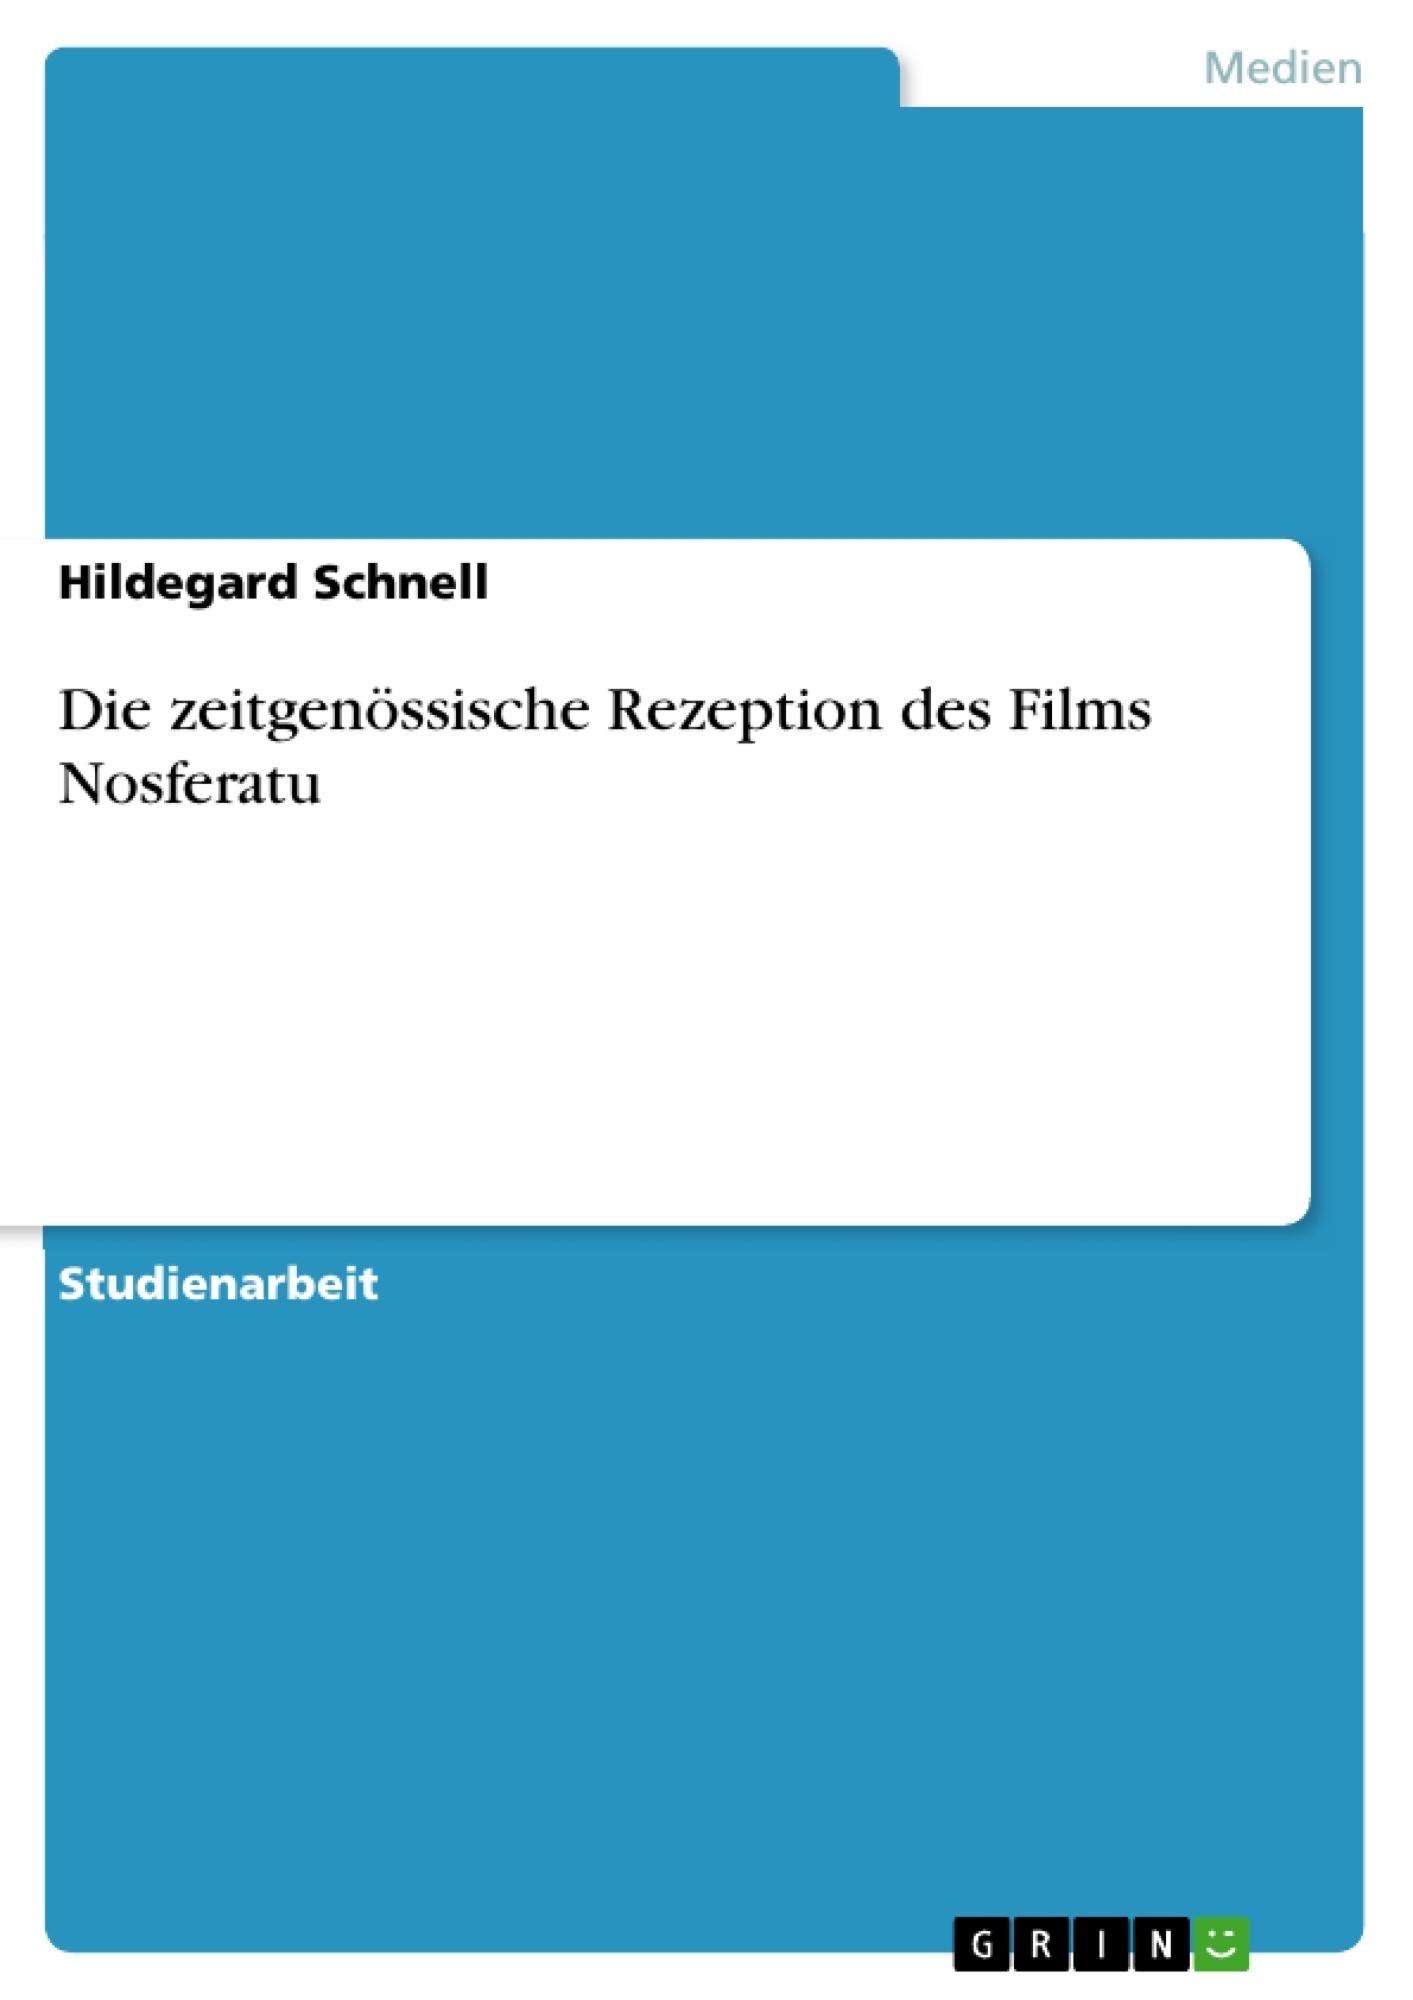 Titel: Die zeitgenössische Rezeption des Films Nosferatu